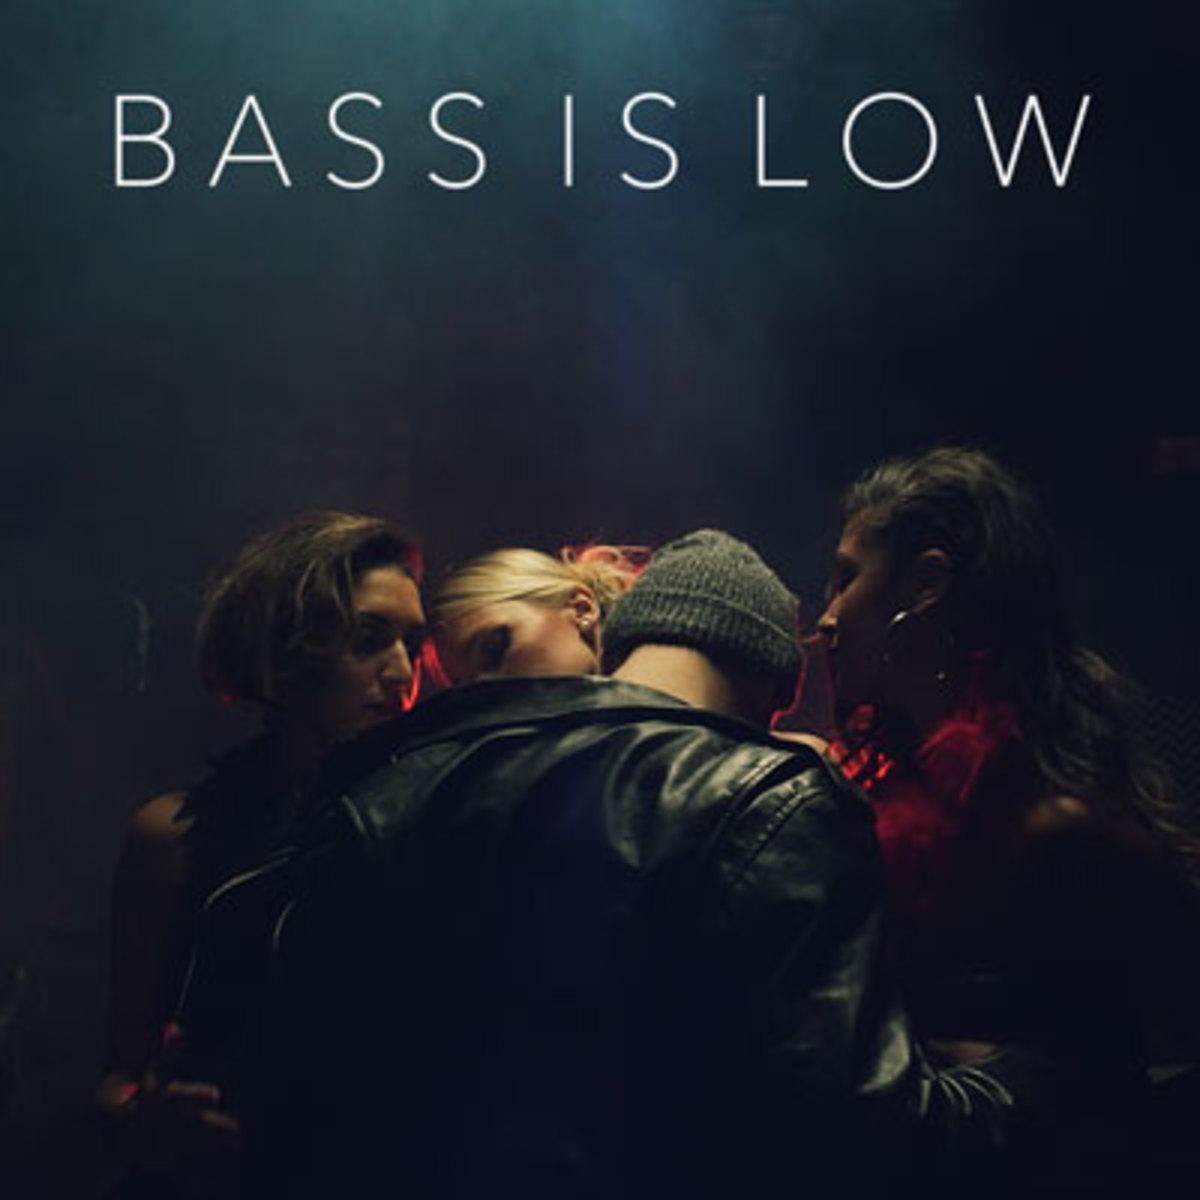 jaredevan-bassislow.jpg